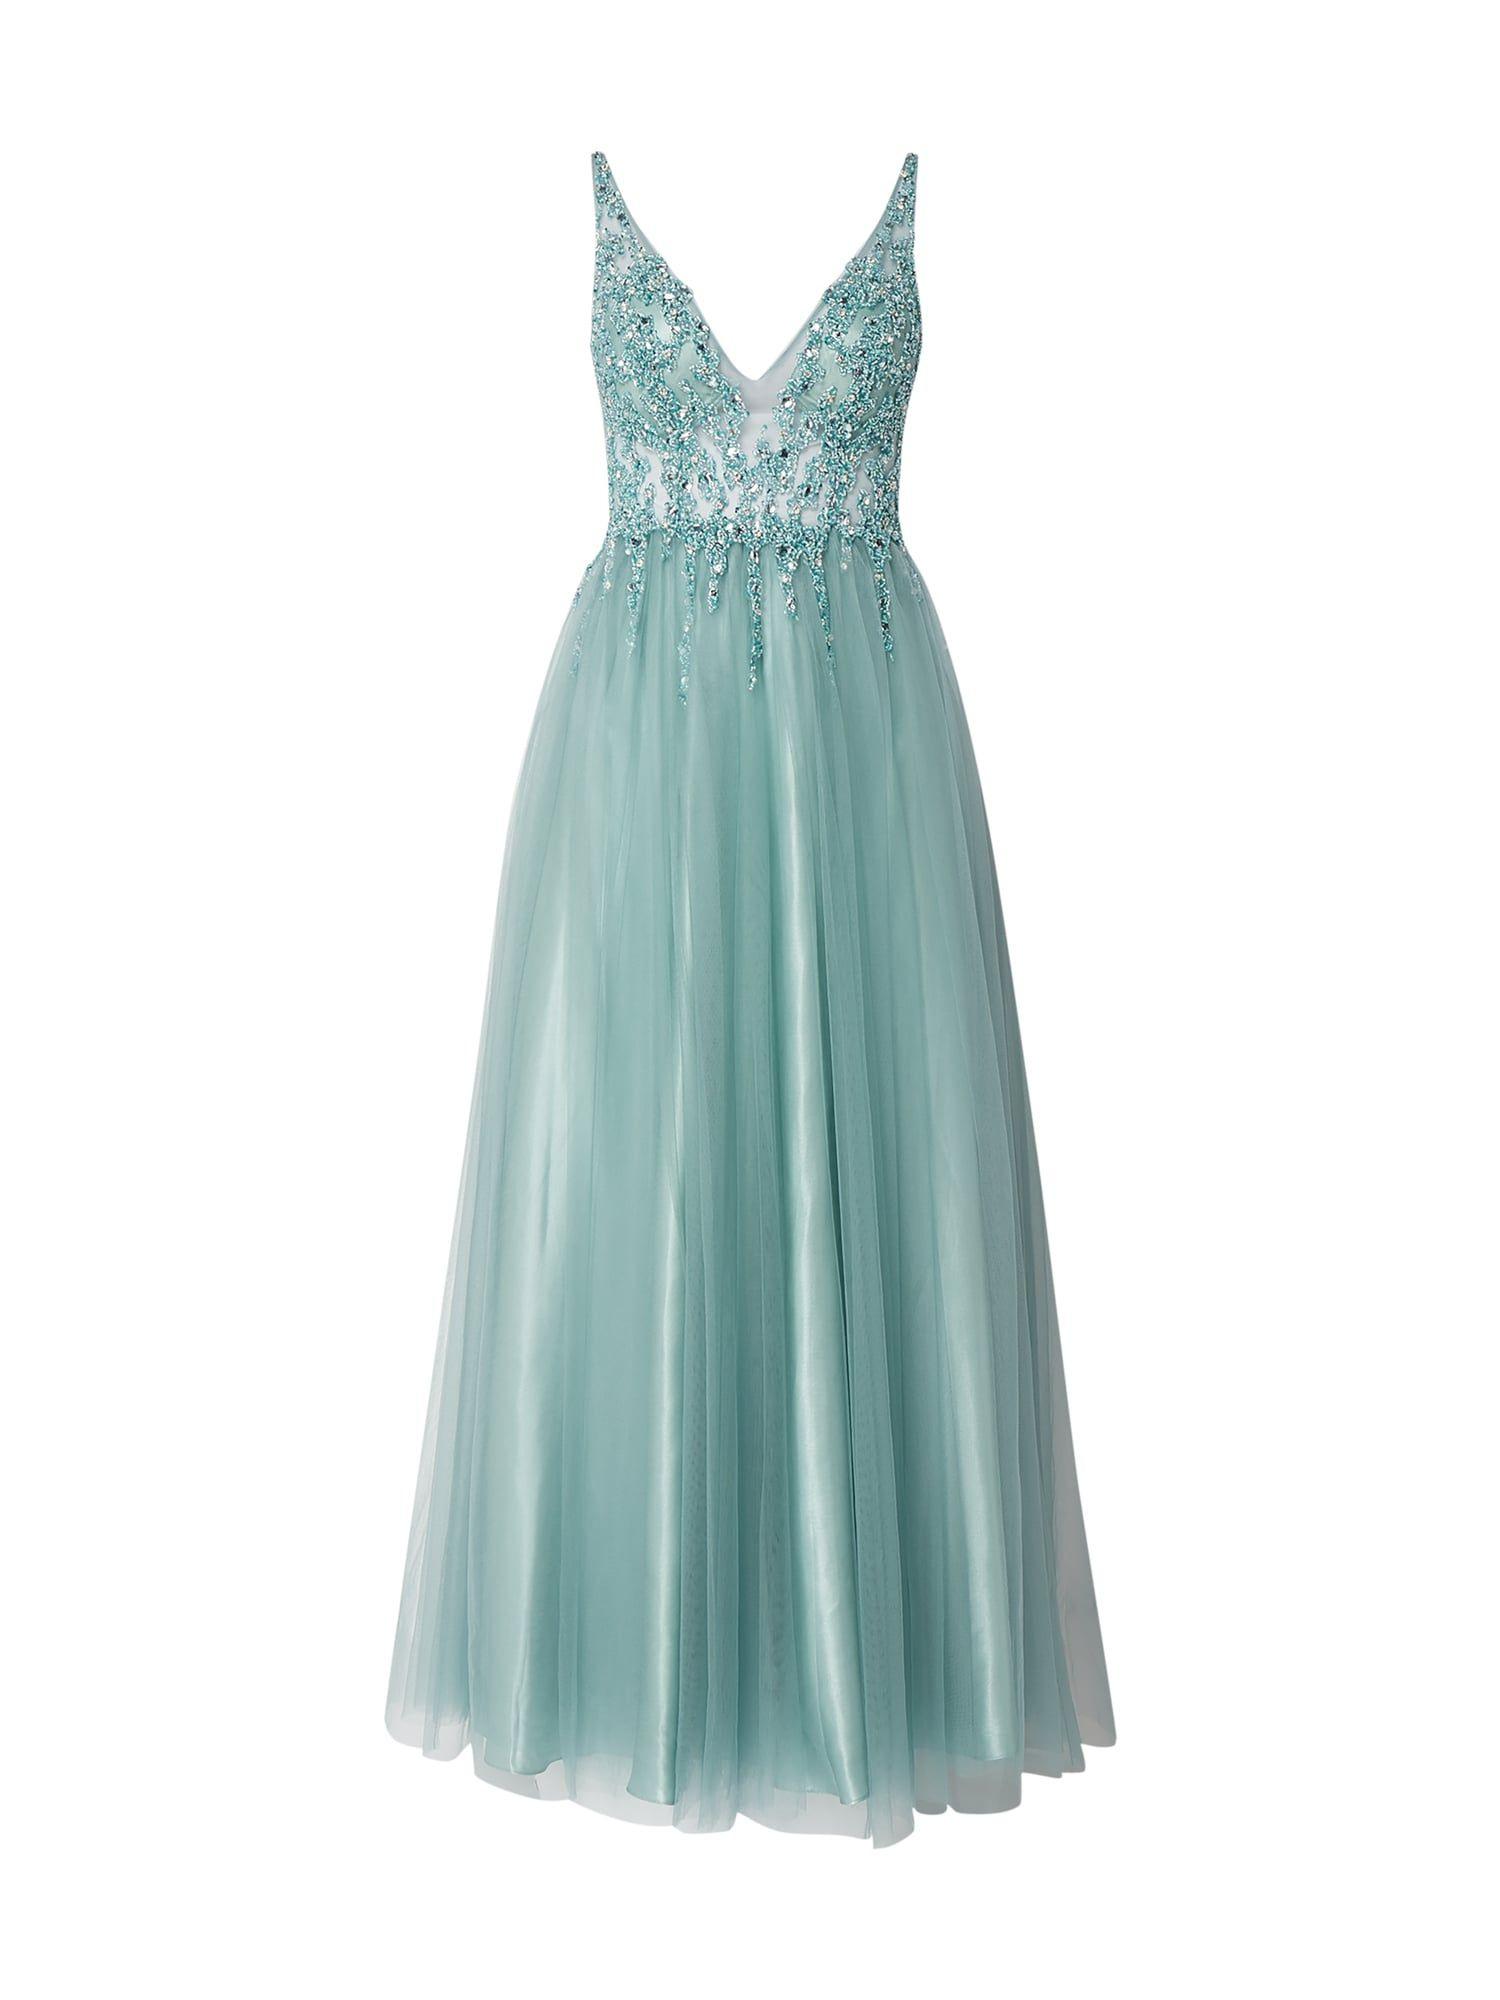 Formal Großartig Abendkleider Bei P&C Vertrieb17 Top Abendkleider Bei P&C Design